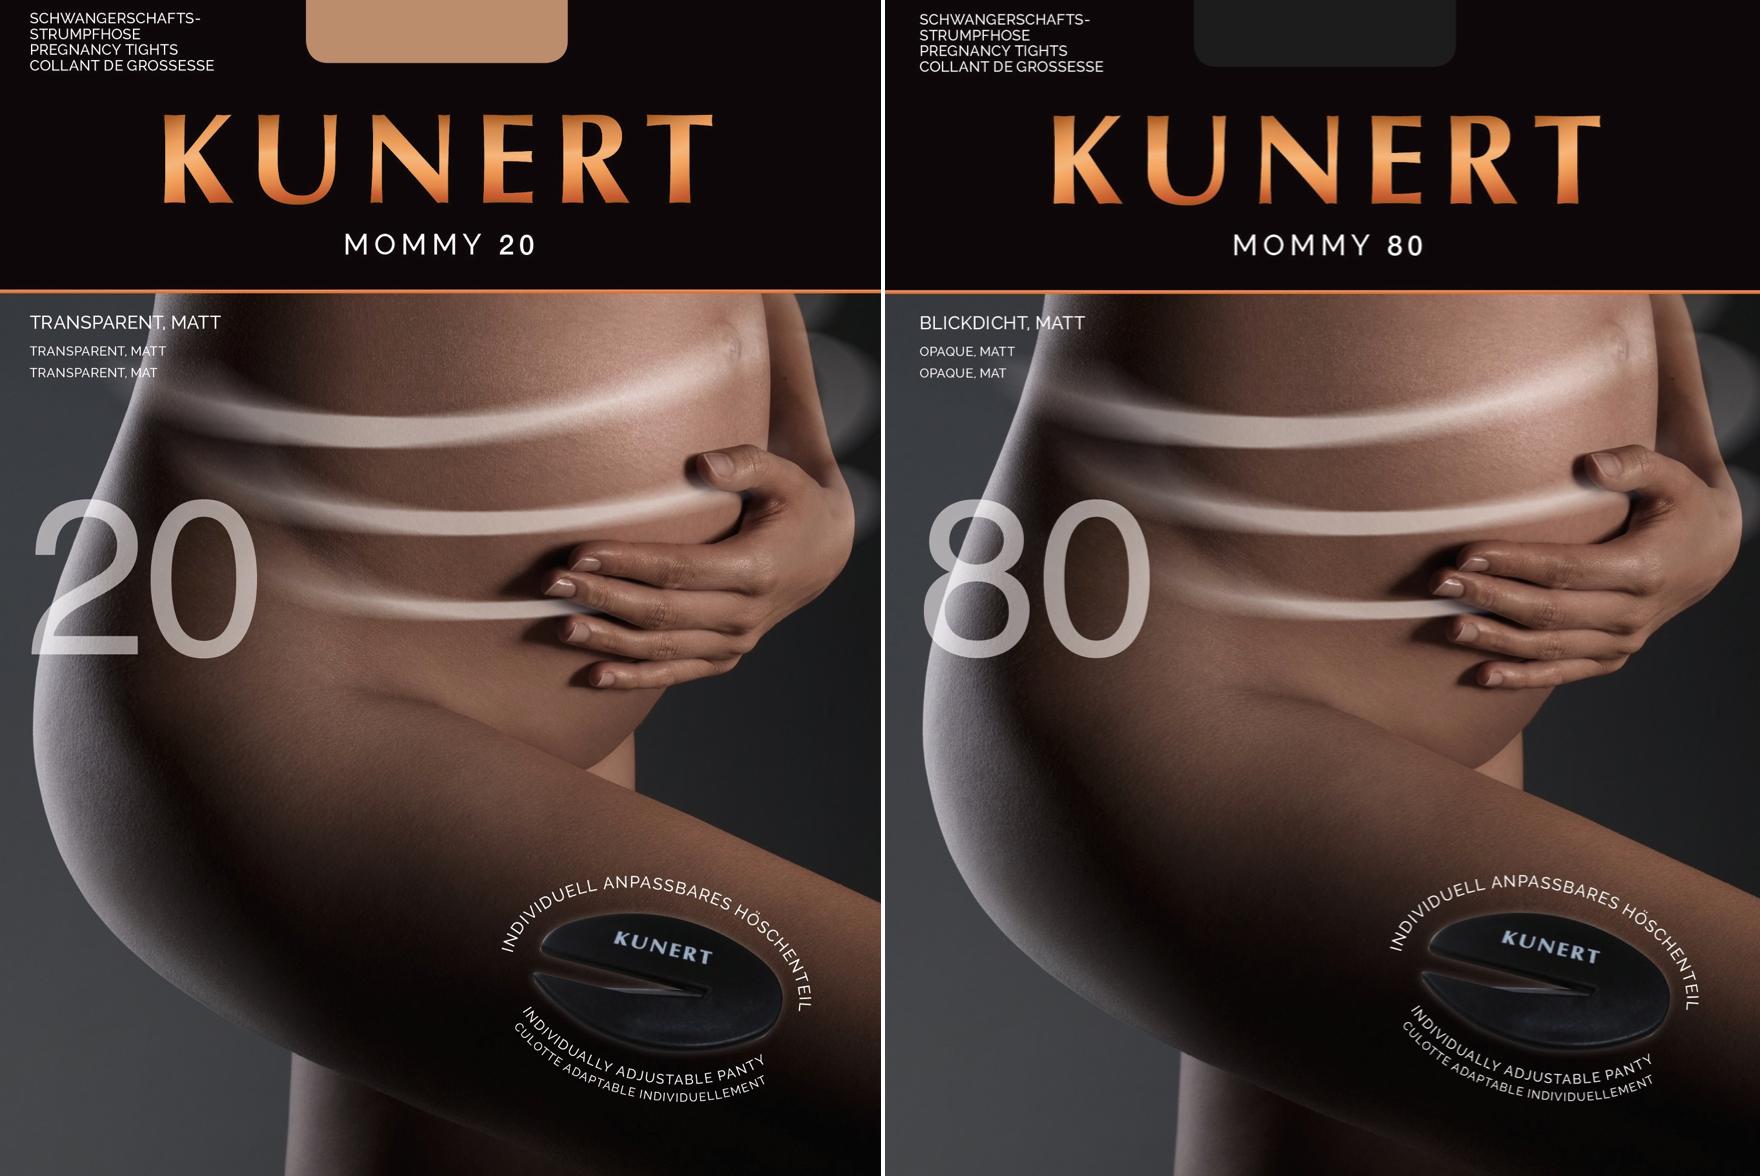 Schwangerschaftsstrumpfhose Tommy Tights von Kunert